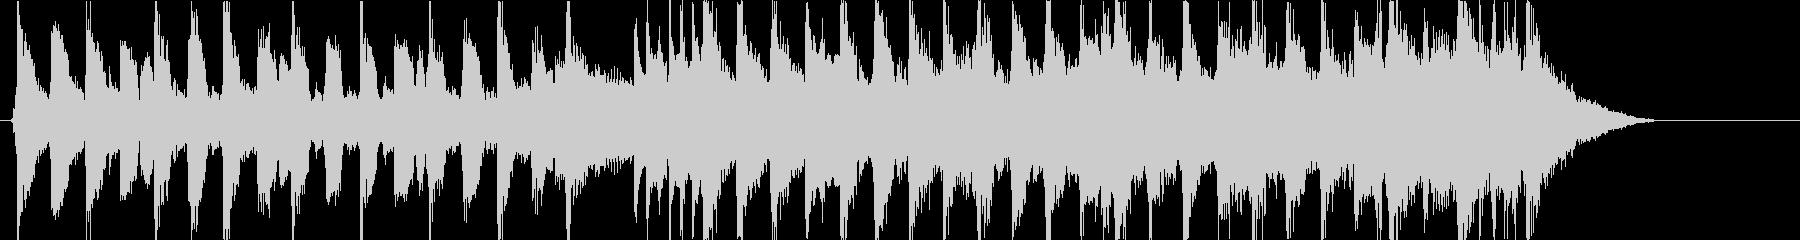 フレンチPOPなハプシコードの曲の未再生の波形